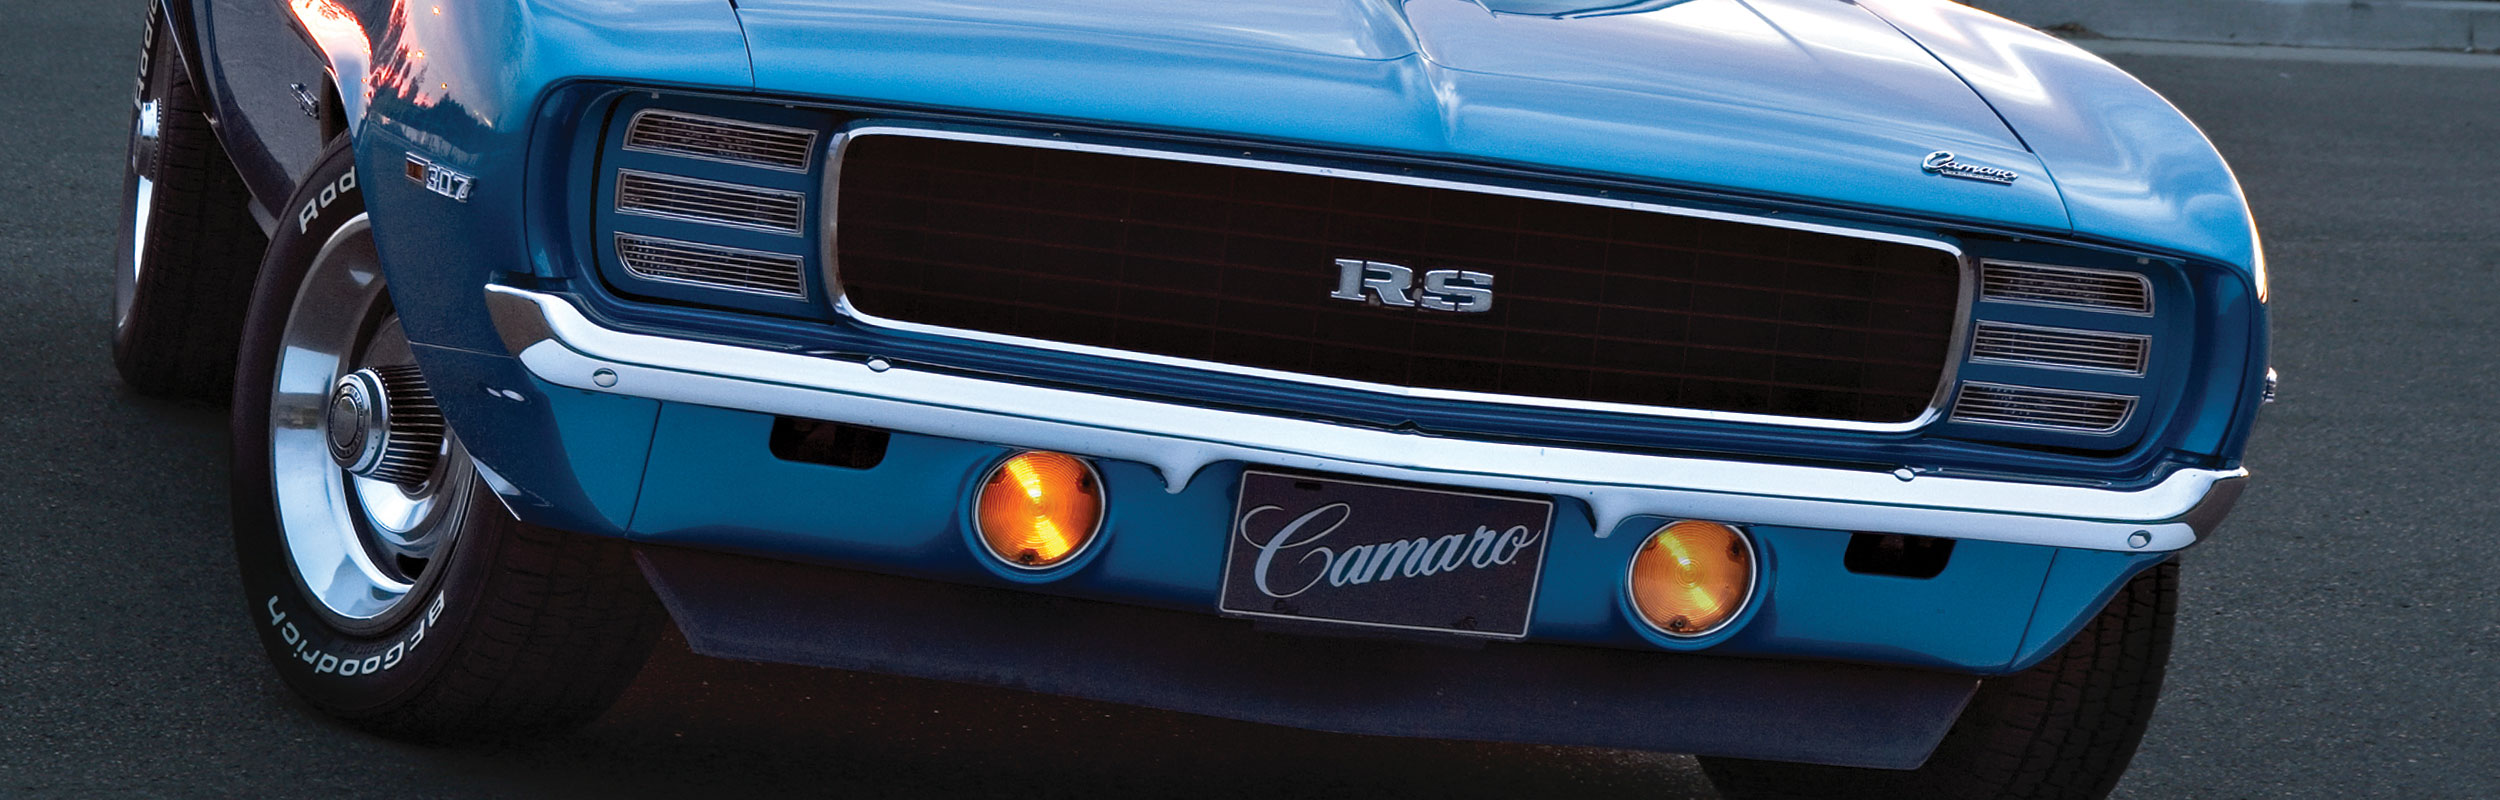 1967-1985 Camaro